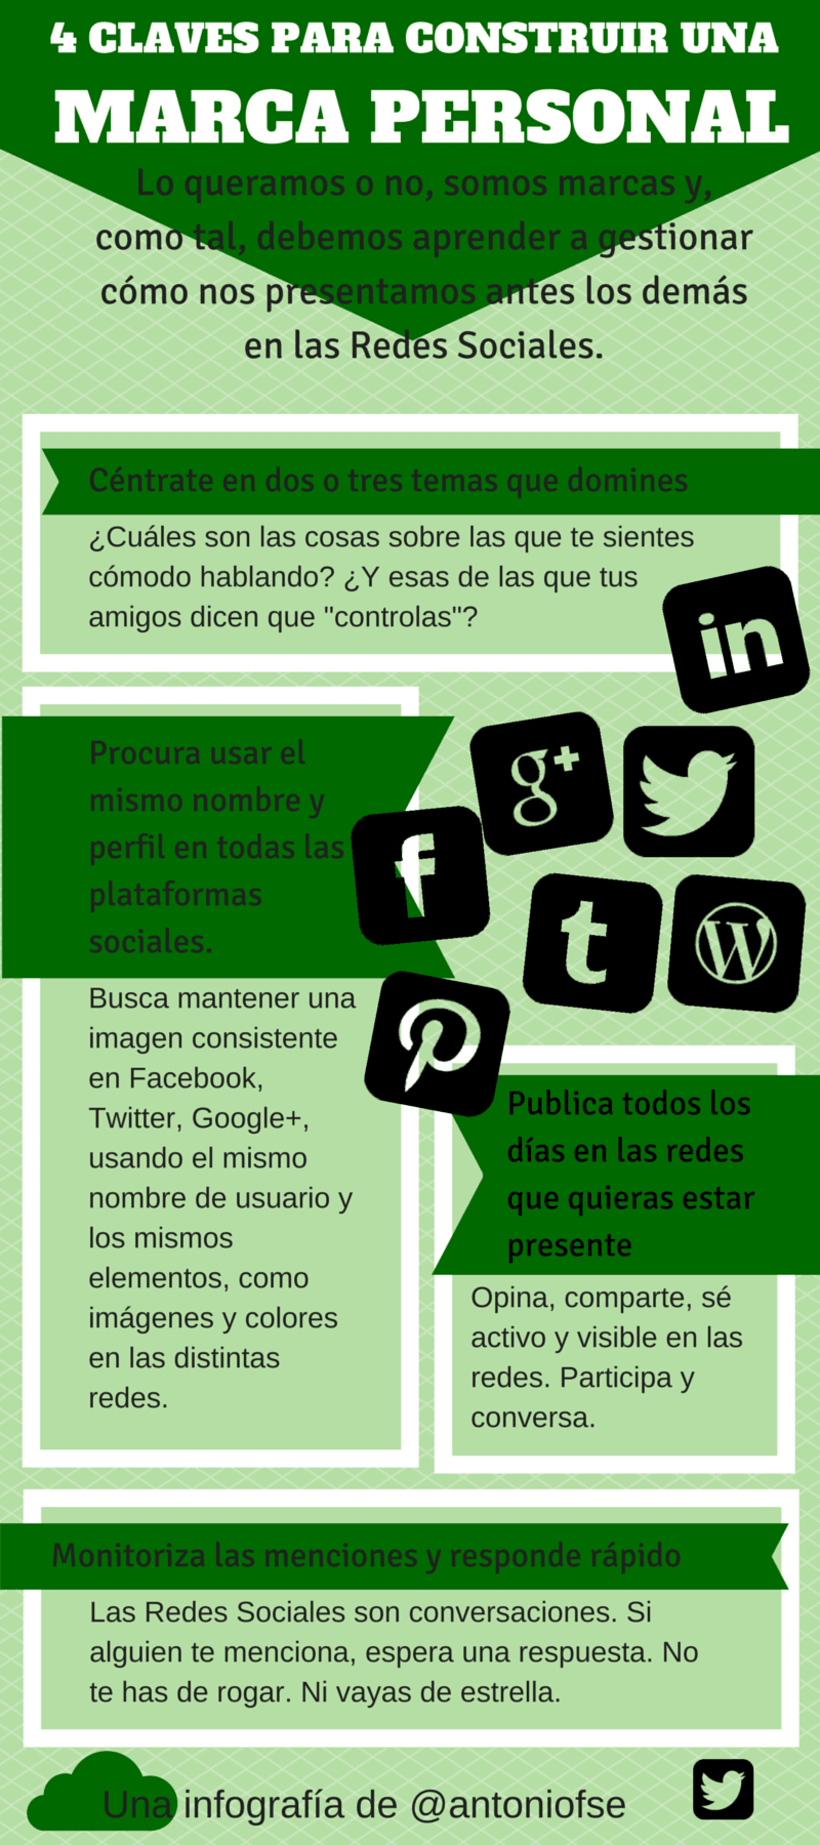 Infografías - Social Media y Community Management 4